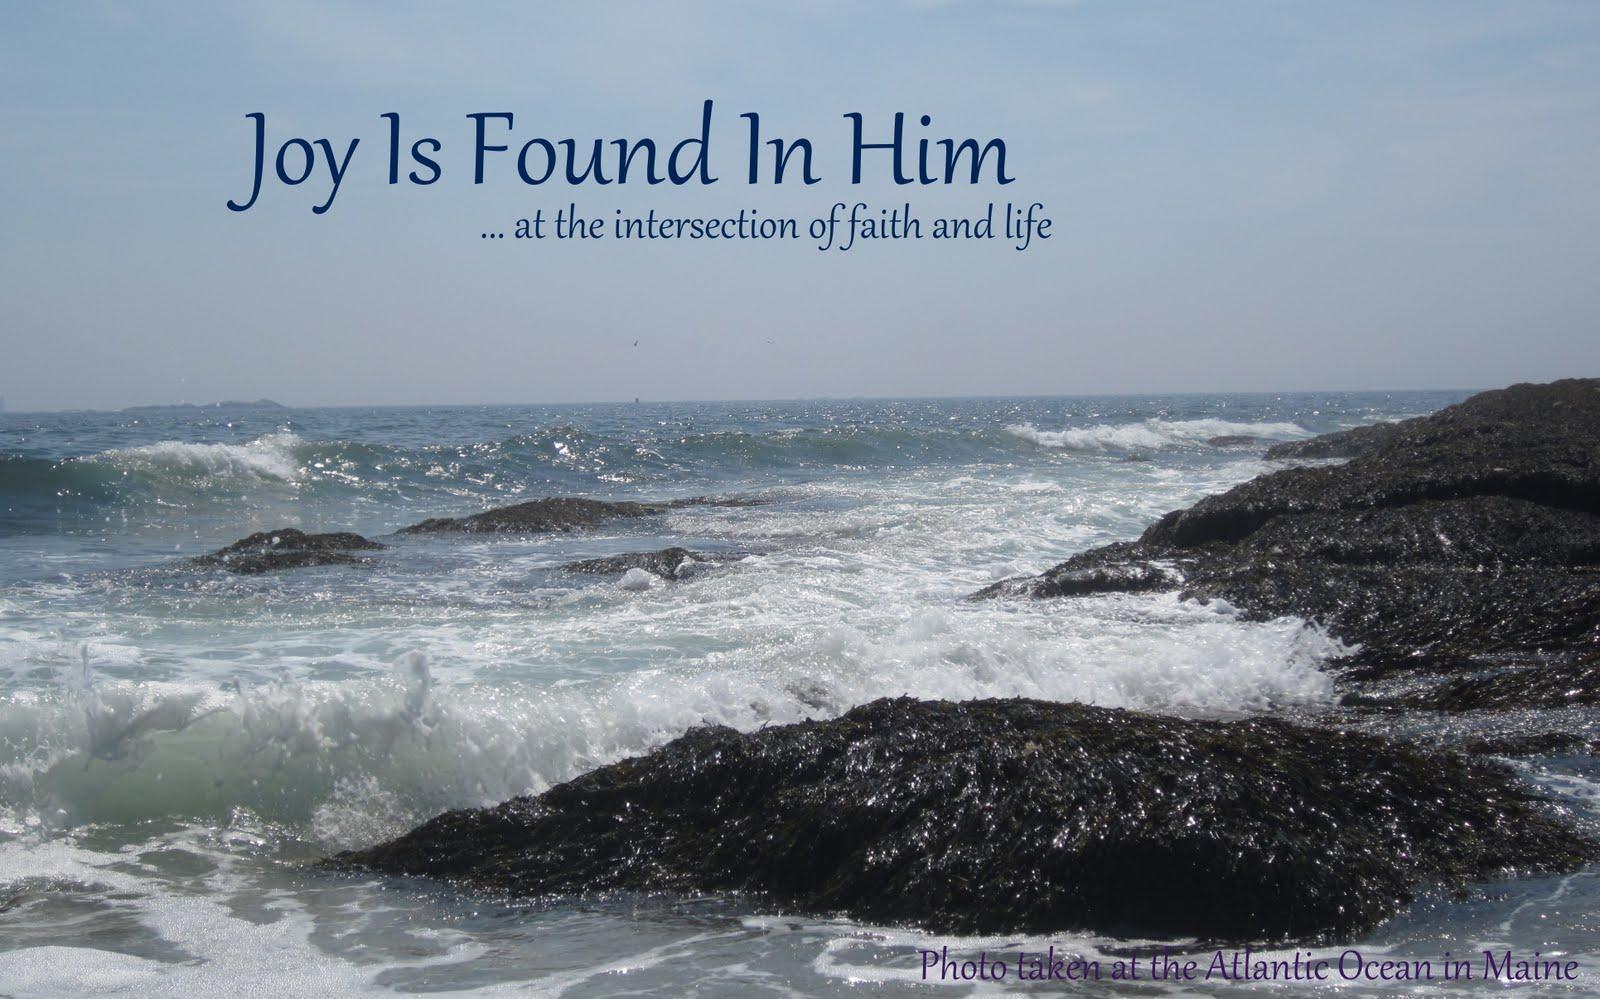 Joy Is Found In Him